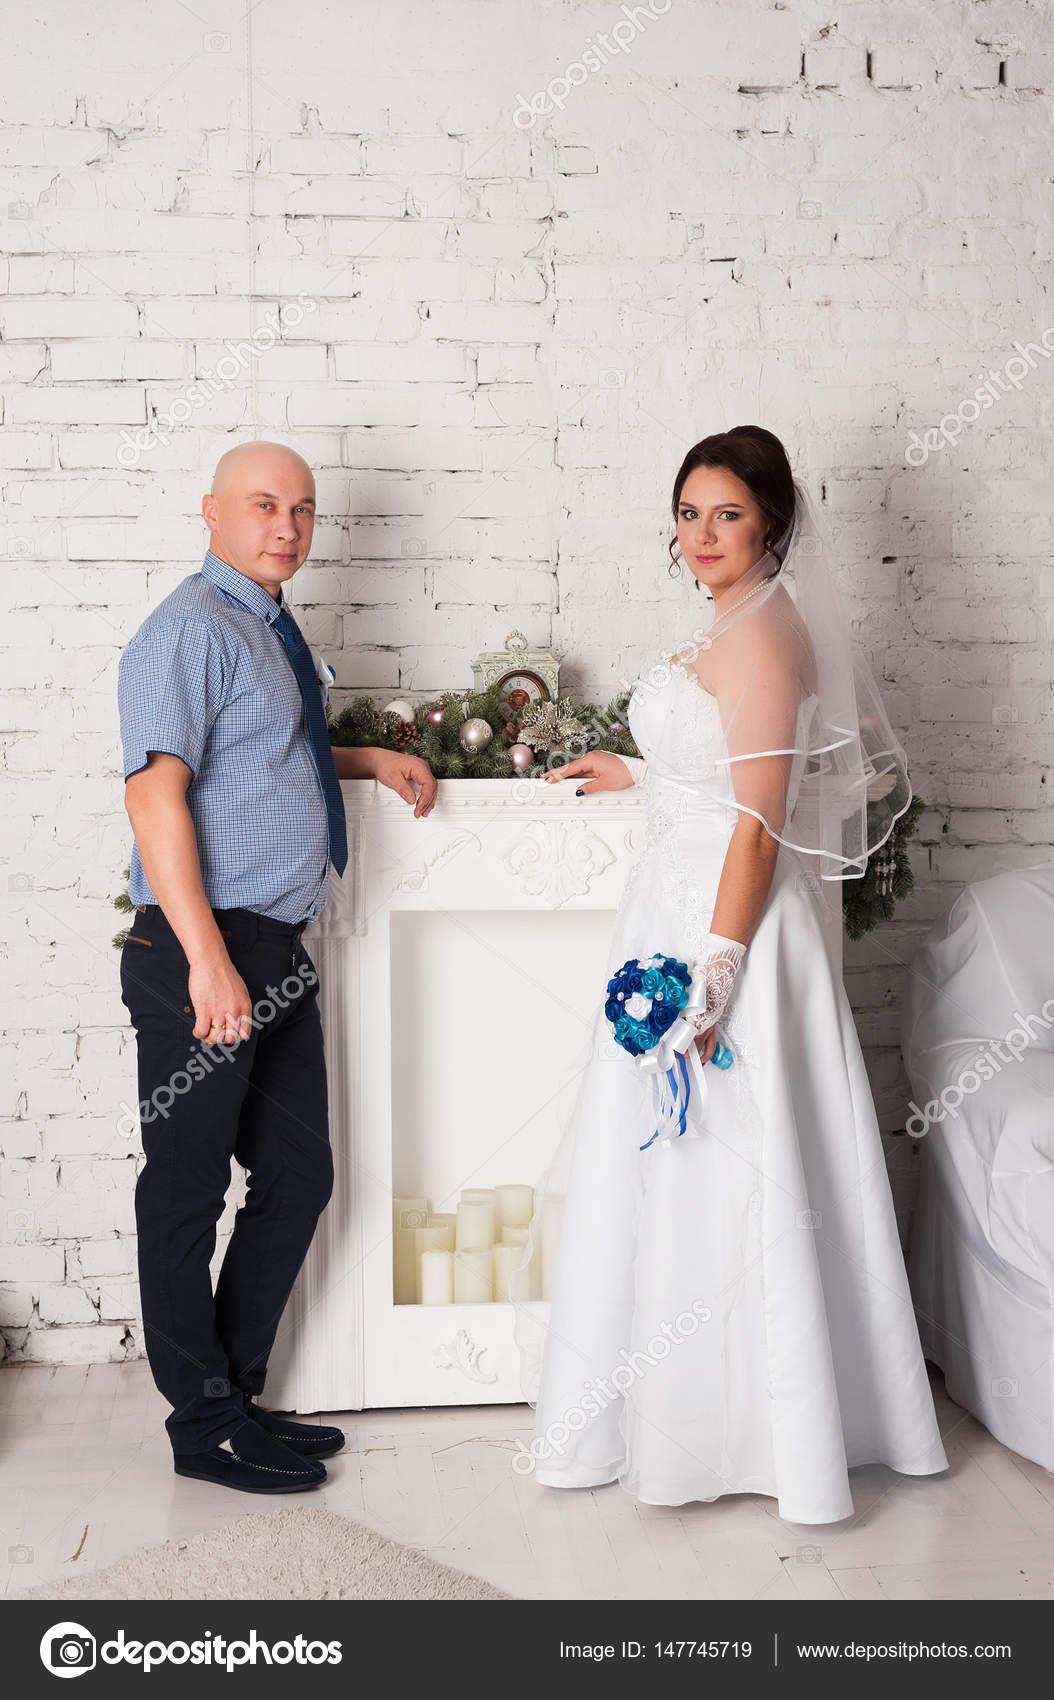 Groß Wie Für Eine Hochzeit Verkleiden Zeitgenössisch - Brautkleider ...